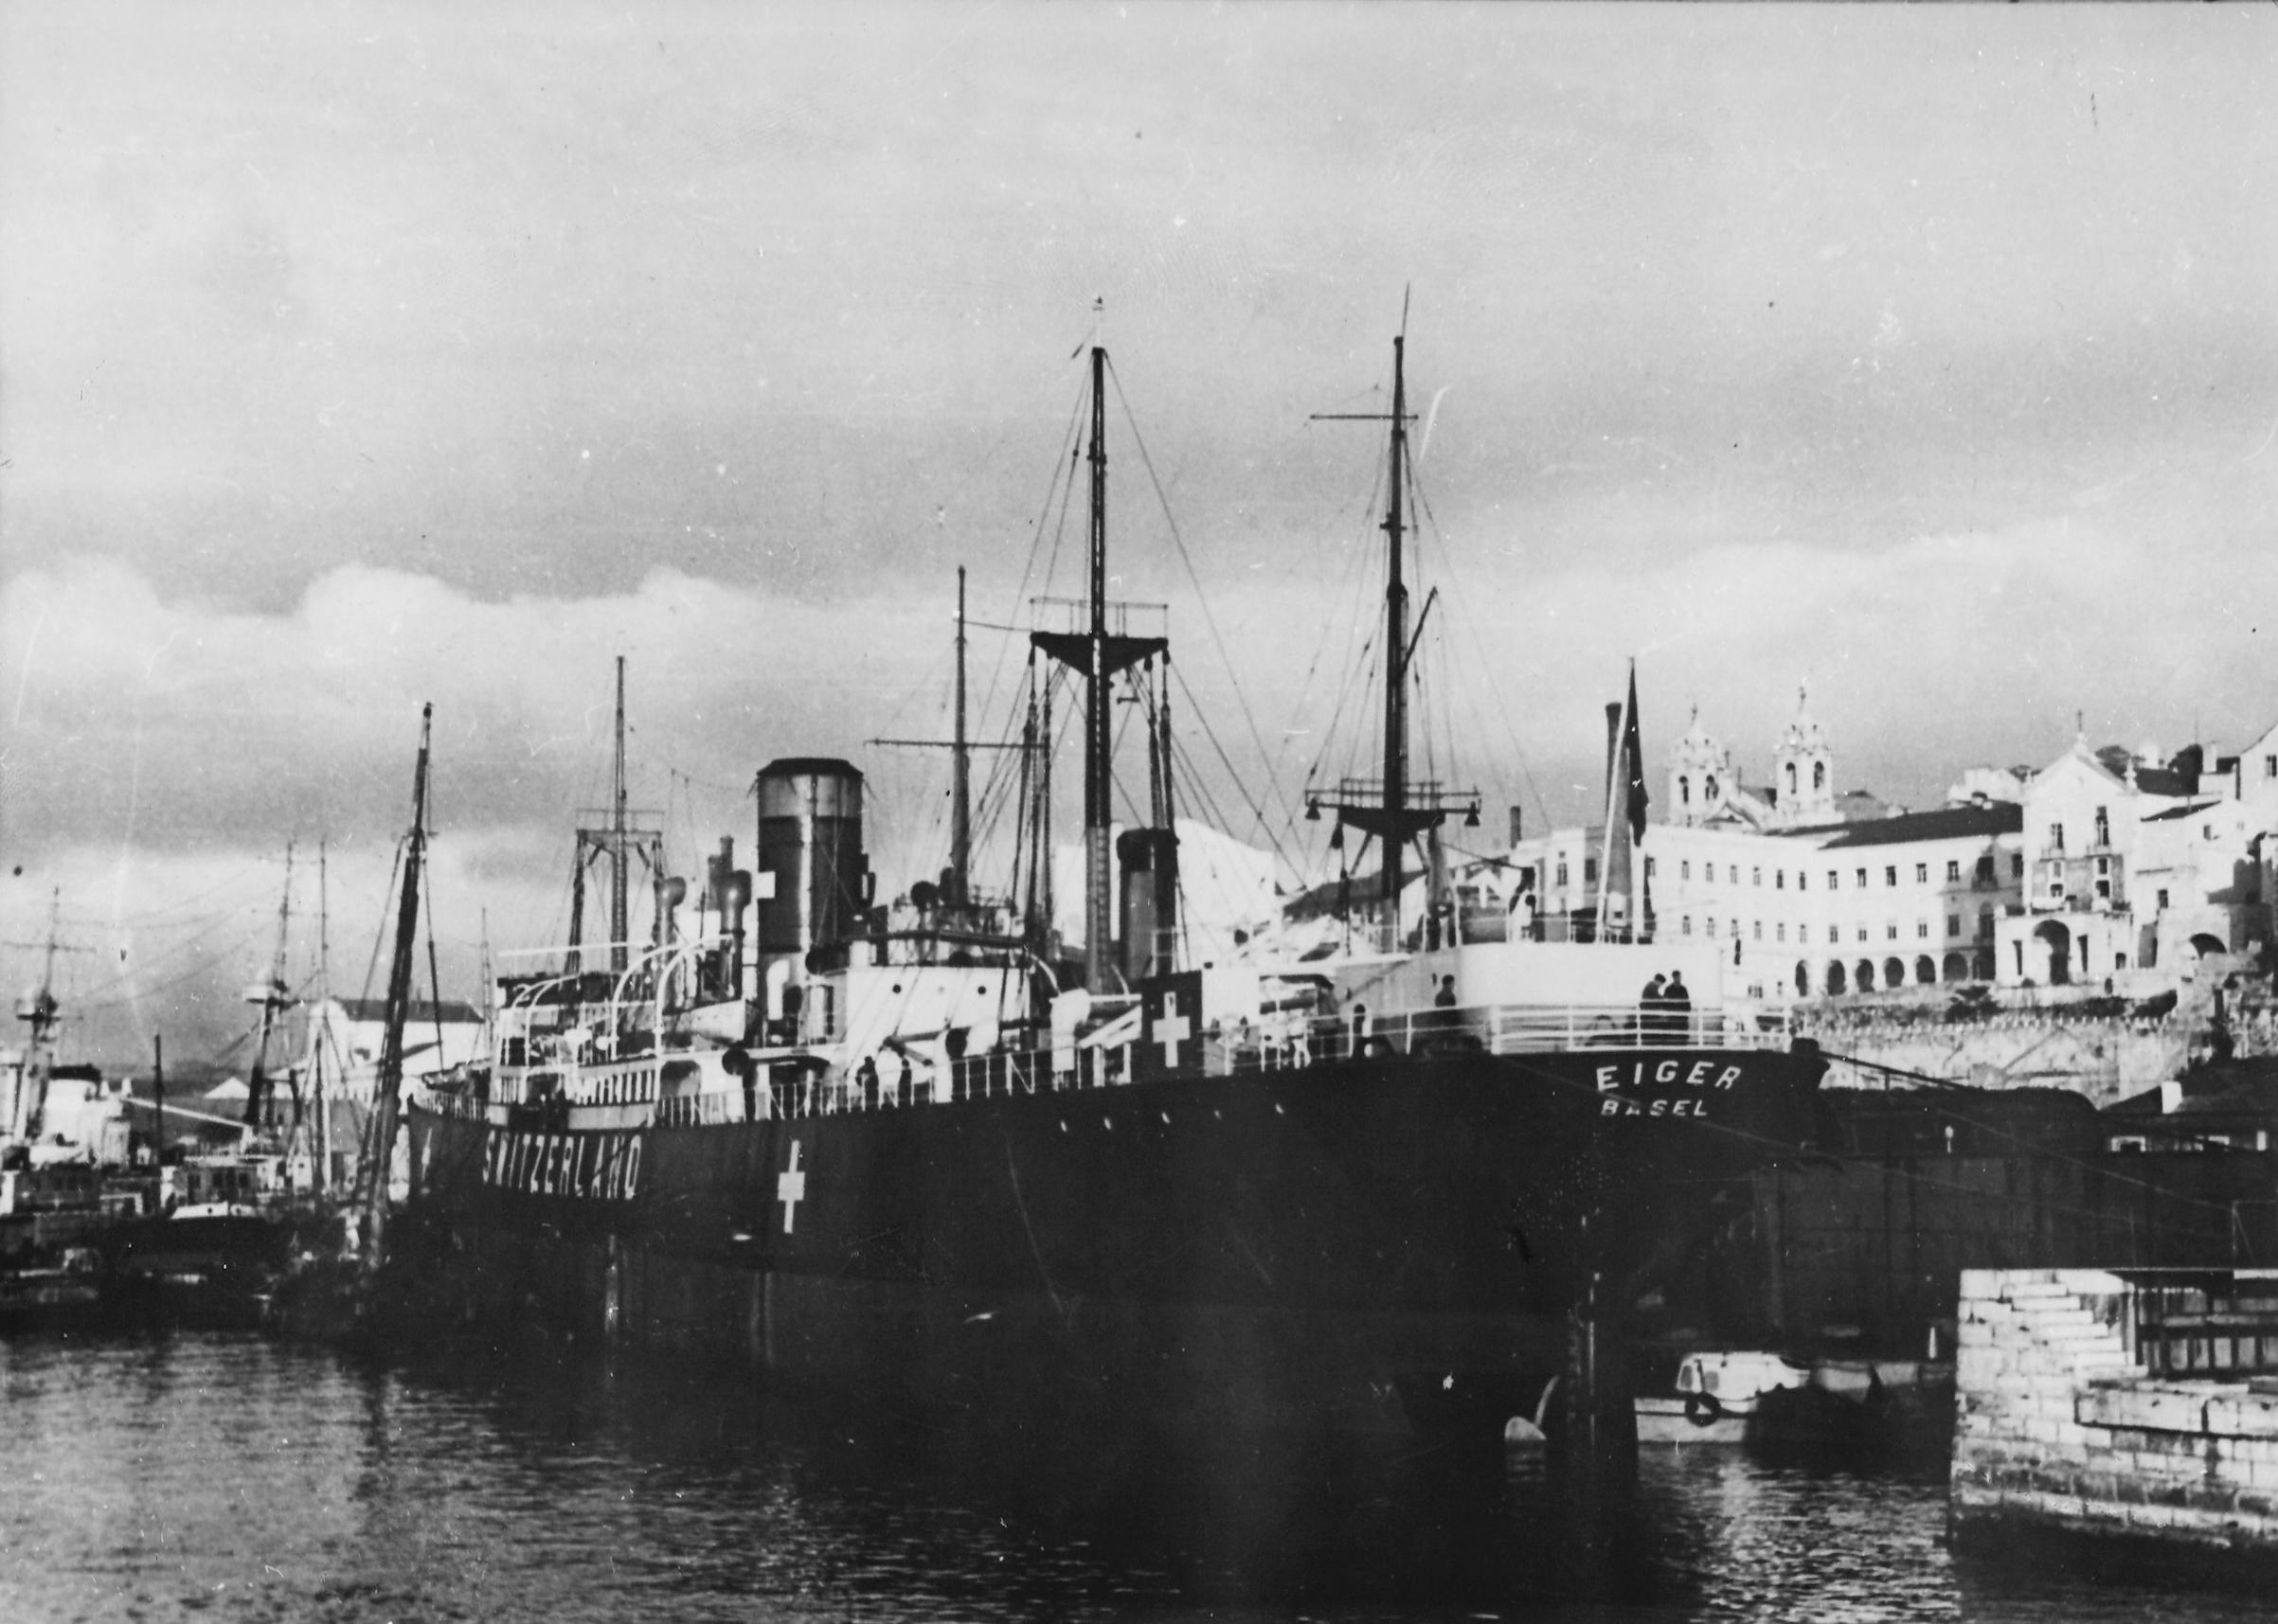 Lisbon's harbor in 1943